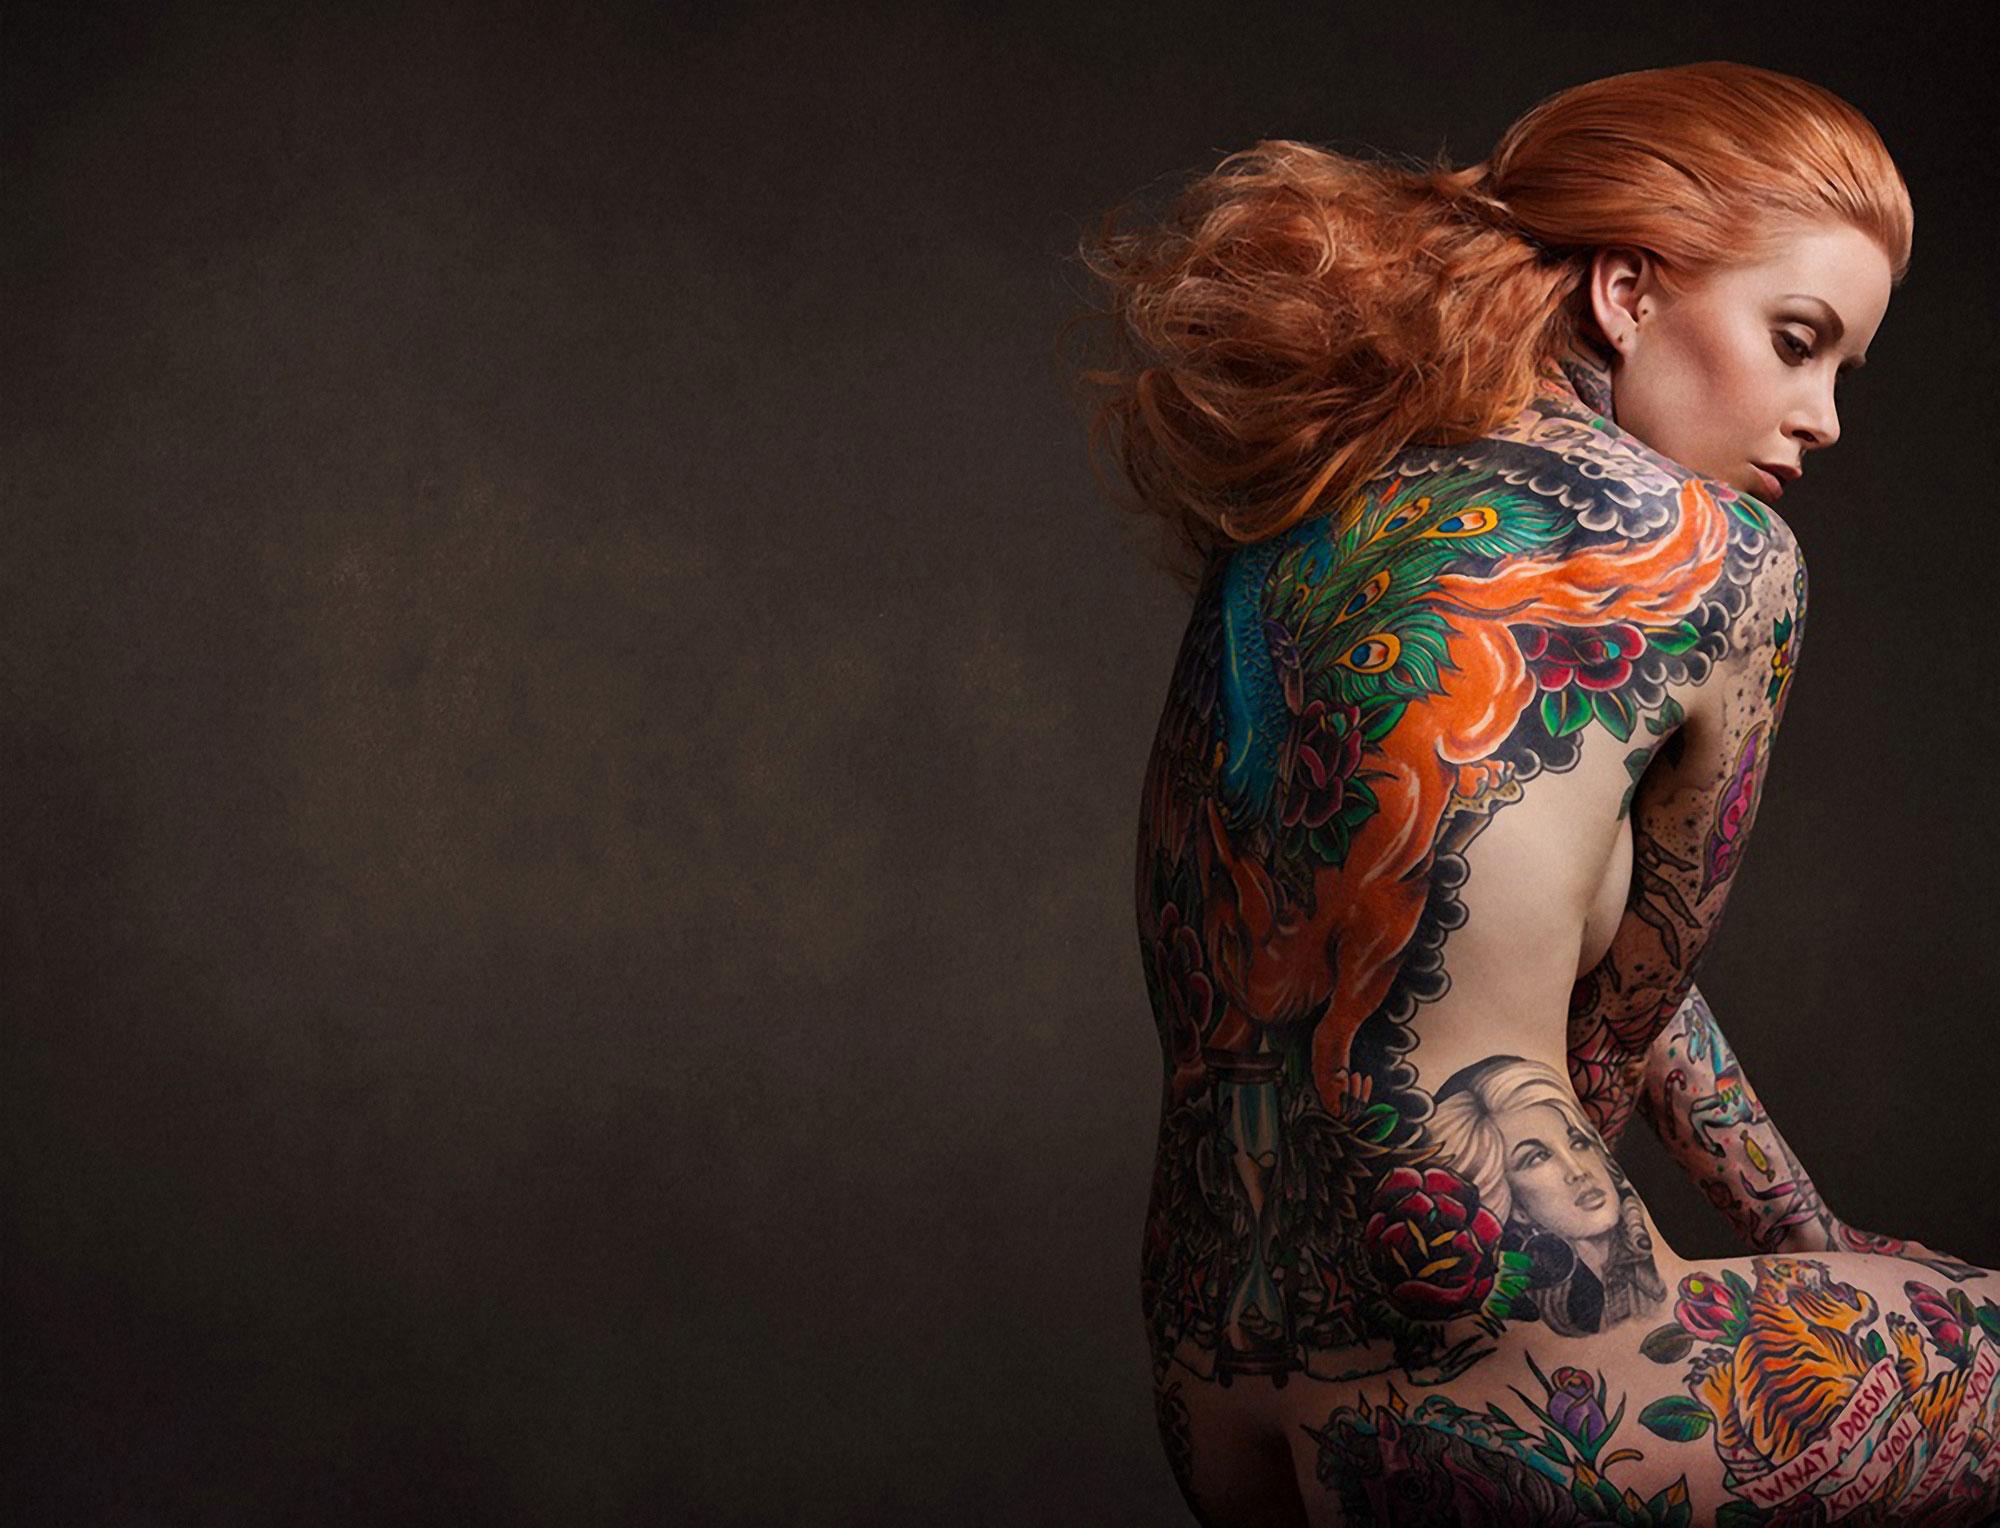 Девушки с татуировками (15 фото)